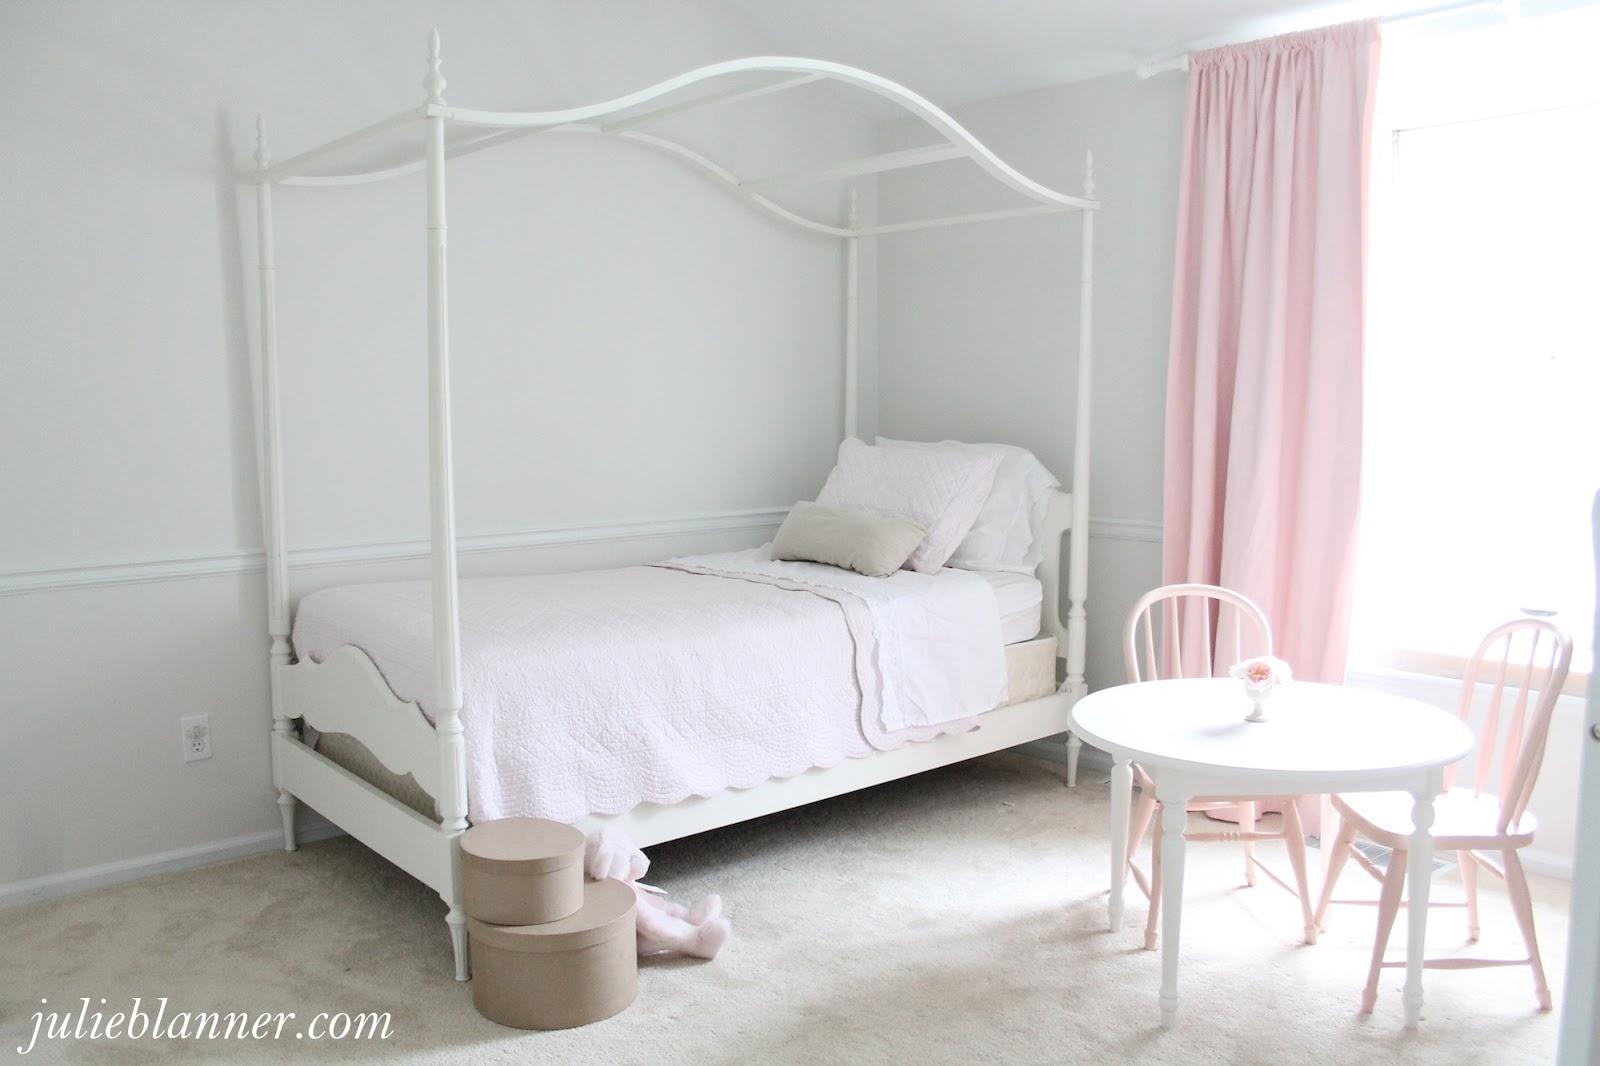 Adalyns Pink And Cream Bedroom Julie Blanner - Light pink and cream bedroom